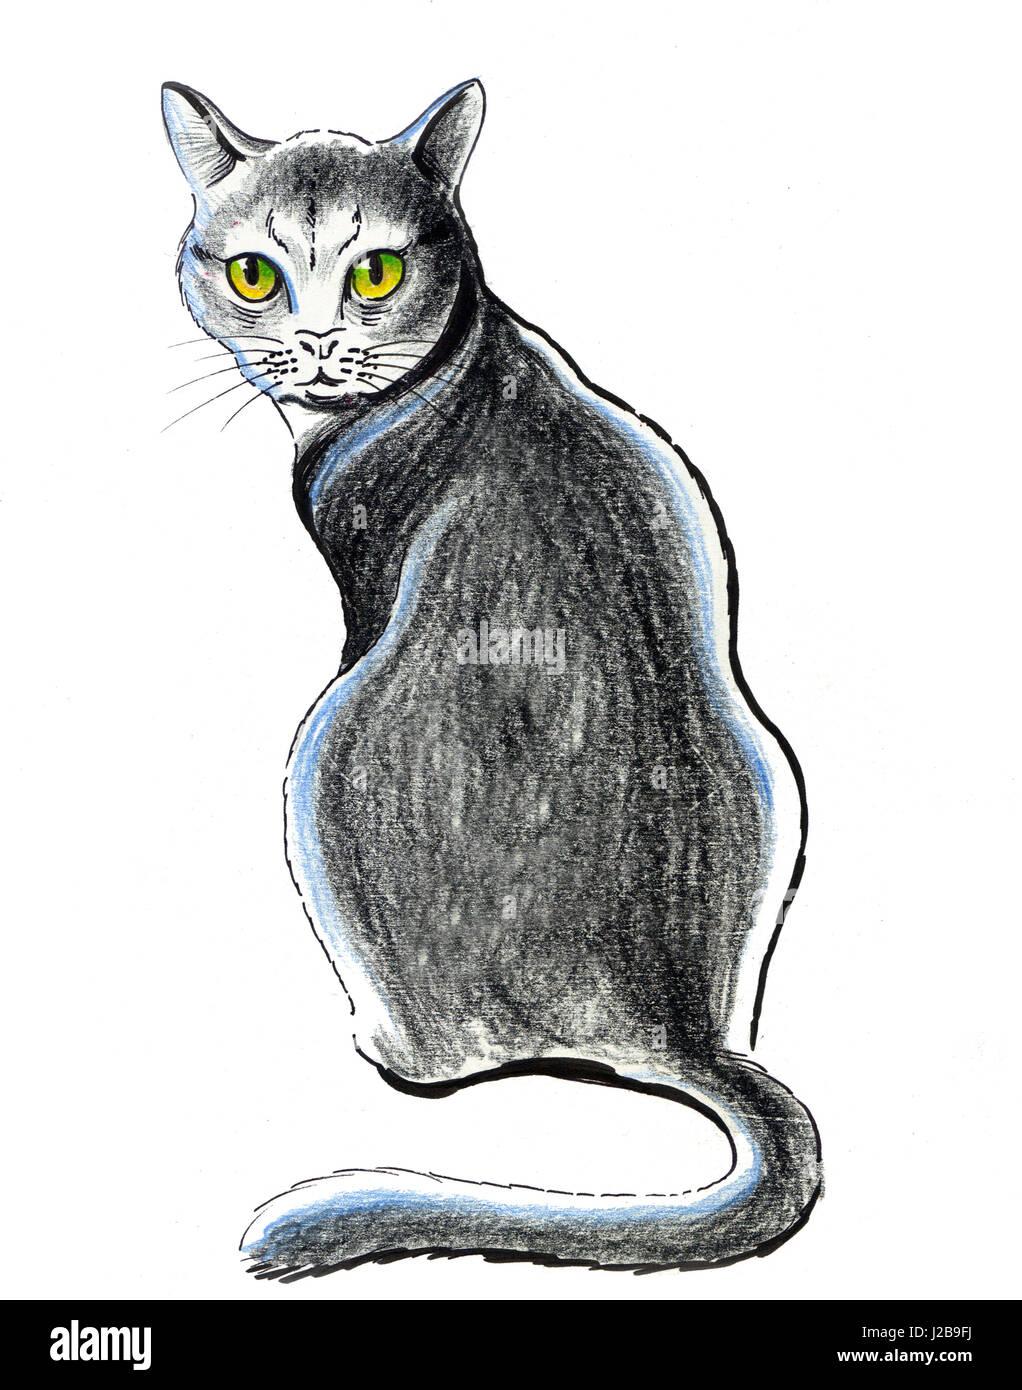 Gato Sentado Dibujo A Lápiz Foto Imagen De Stock 139161222 Alamy